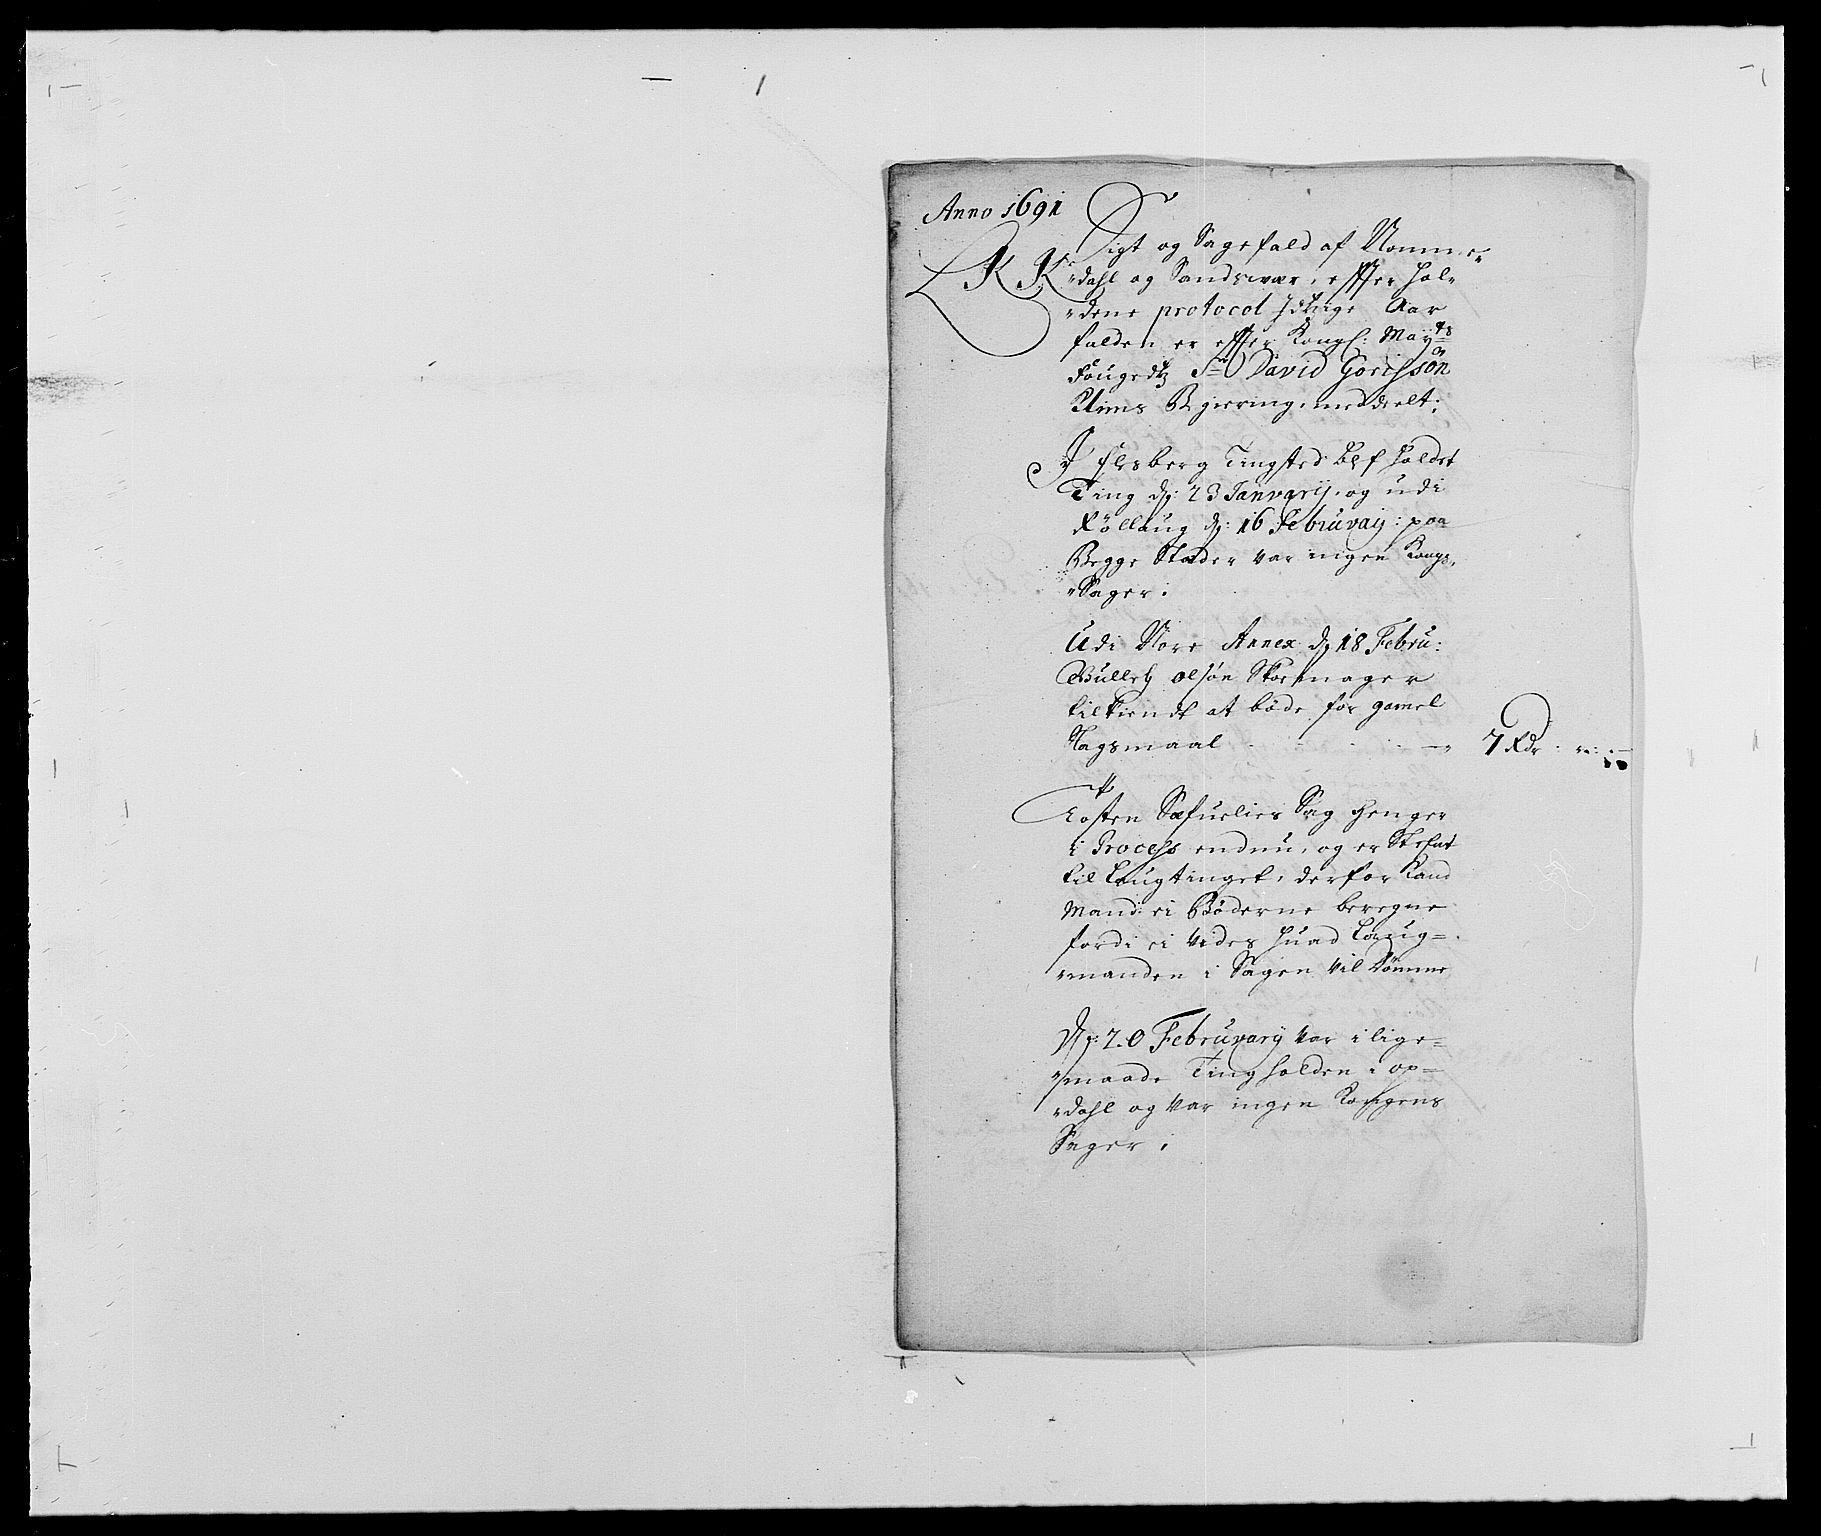 RA, Rentekammeret inntil 1814, Reviderte regnskaper, Fogderegnskap, R24/L1573: Fogderegnskap Numedal og Sandsvær, 1687-1691, s. 475